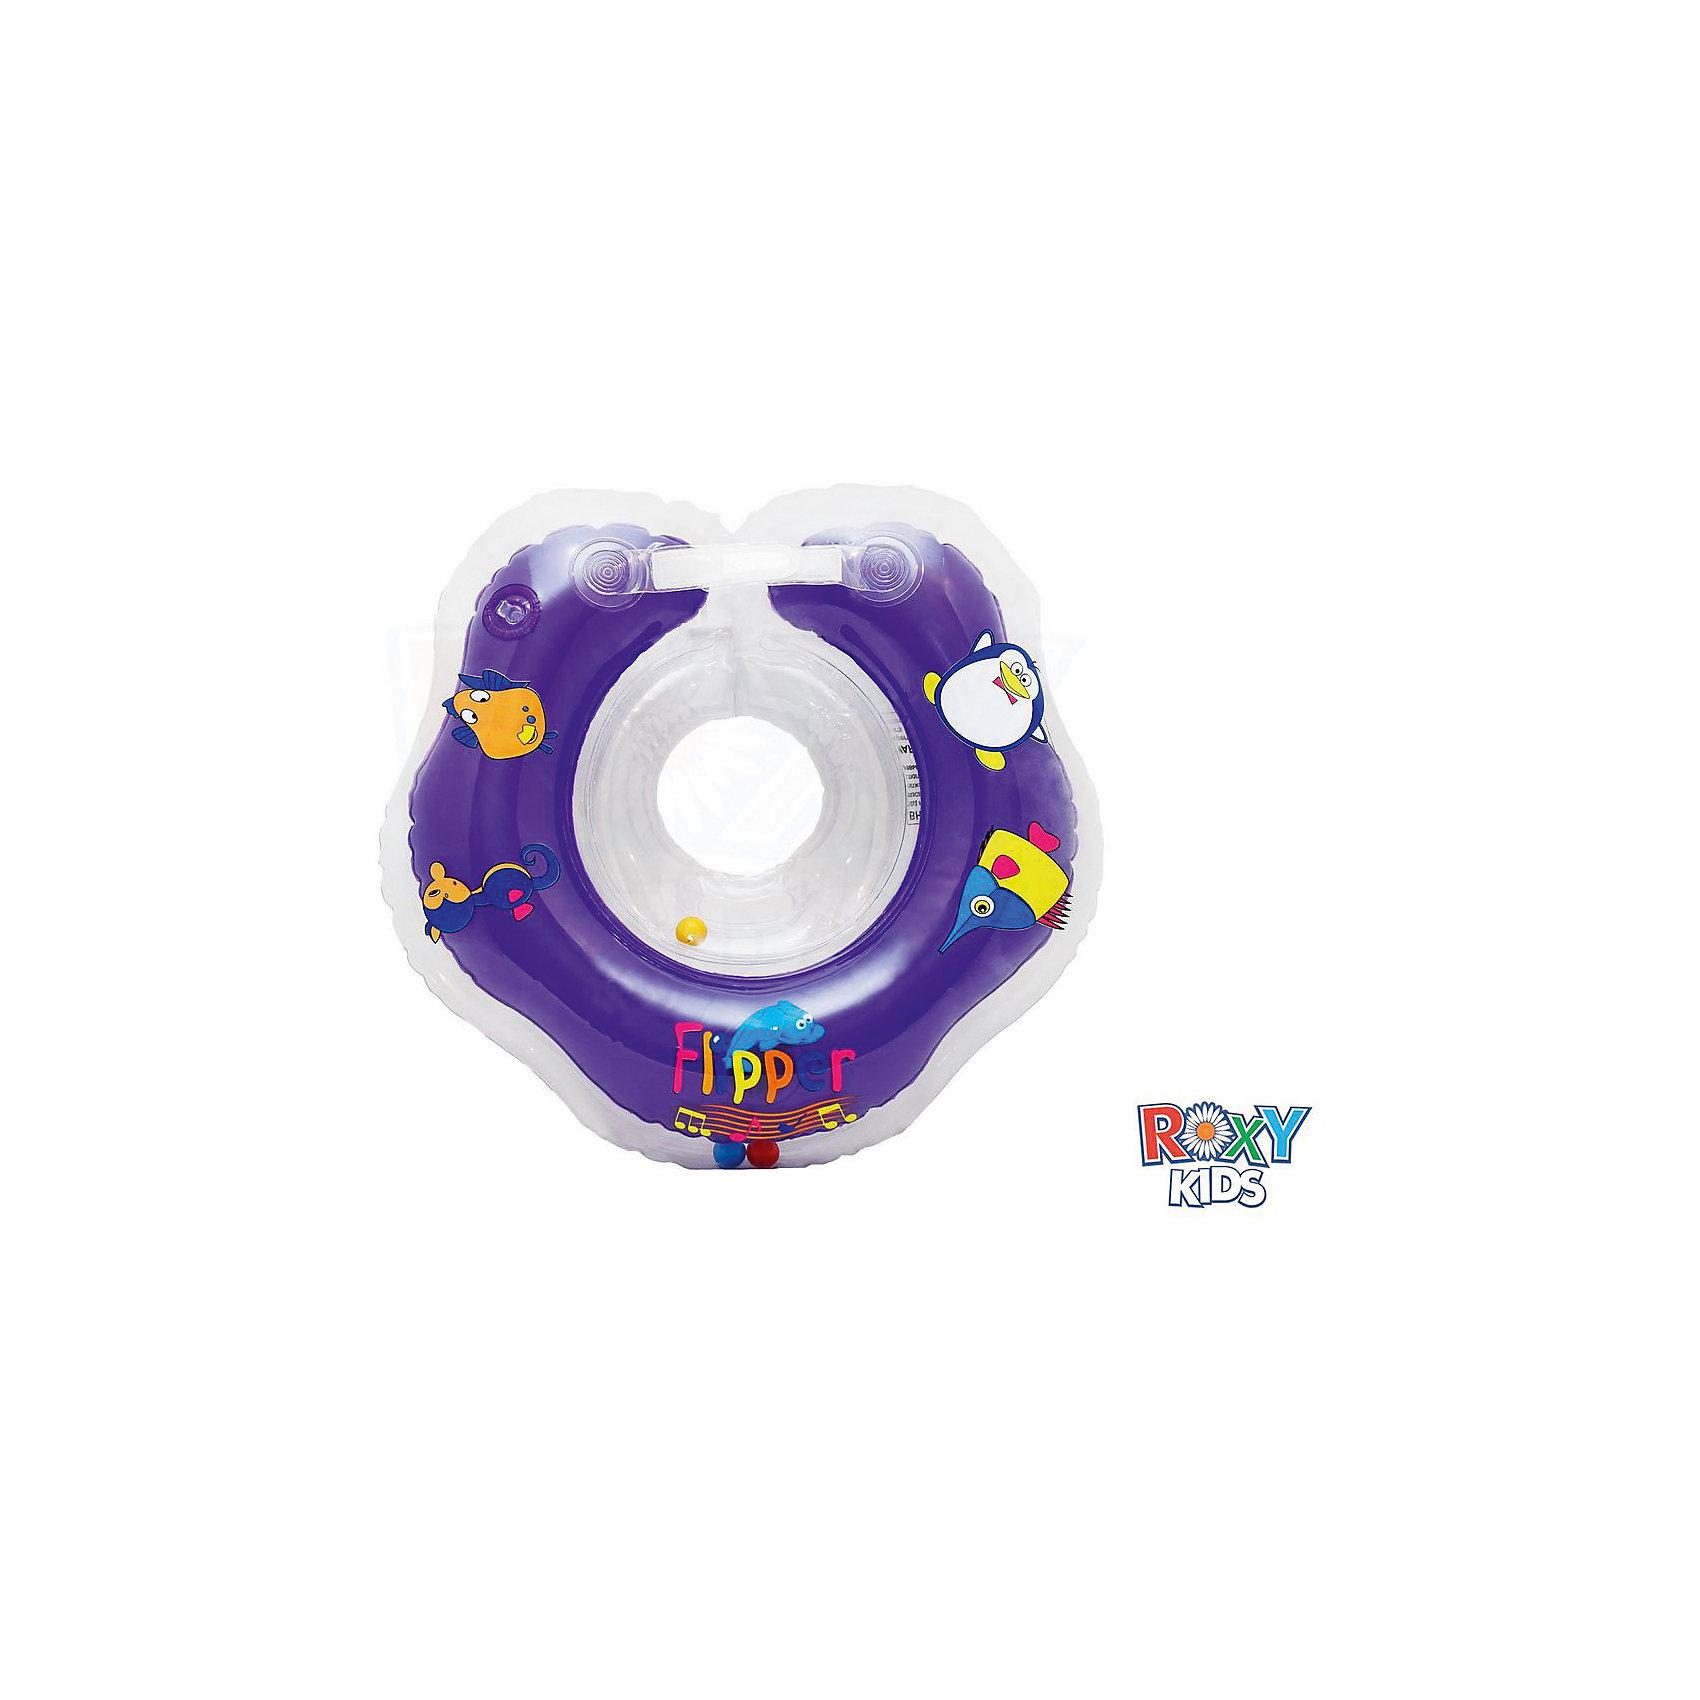 Музыкальный надувной круг на шею  Flipper 0+ для купания малышей, Roxy-KidsПрочие аксессуары<br>Музыкальный надувной круг на шею  Flipper (Флиппер) 0+ для купания малышей создан специально для новорожденных и детей до 2 лет. <br><br>Особенности:<br>-2 воздушных камеры, в которых находятся шарики-погремушки<br>-Комфортная выемка для подбородка<br>-Ручки, благодаря которым родители смогут контролировать и способствовать плаванию ребенка<br>-2 практичных застежки, пластиковый карабин и застежка-липучка, для быстрой и простой фиксации круга<br>-Дополнительная безопасность круга для купания обеспечивается технологией 4-х слоев (круг в круге)<br>-Мягкий шов не натирает шею малыша благодаря технологии внутреннего шва.<br>-Круг рассчитан на малышей весом до 18 кг<br>-Встроенные в круг батарейки защищены от попадания влаги и рассчитаны примерно на 4-5 месяцев<br><br>Дополнительная информация:<br><br>-Материал: высококачественный ПВХ-материал, пластмасса<br>-Размер: 39-36 см<br>-4 цвета: синий, зеленый, желтый, красный (заранее выбрать невозможно)<br><br>Музыкальный надувной круг на шею  Flipper (Флиппер) 0+ совершенно безопасный, надежный, прекрасно стимулирует природный плавательный рефлекс и поможет облегчить родителям процесс купания ребенка. Шарики-погремушки внутри круга и забавная мелодия развеселят малыша и сделают купание еще увлекательнее и легче.<br><br>Музыкальный надувной круг на шею  Flipper (Флиппер) 0+ для купания малышей можно купить в нашем магазине.<br><br>Ширина мм: 150<br>Глубина мм: 150<br>Высота мм: 50<br>Вес г: 200<br>Возраст от месяцев: 1<br>Возраст до месяцев: 24<br>Пол: Унисекс<br>Возраст: Детский<br>SKU: 3503619